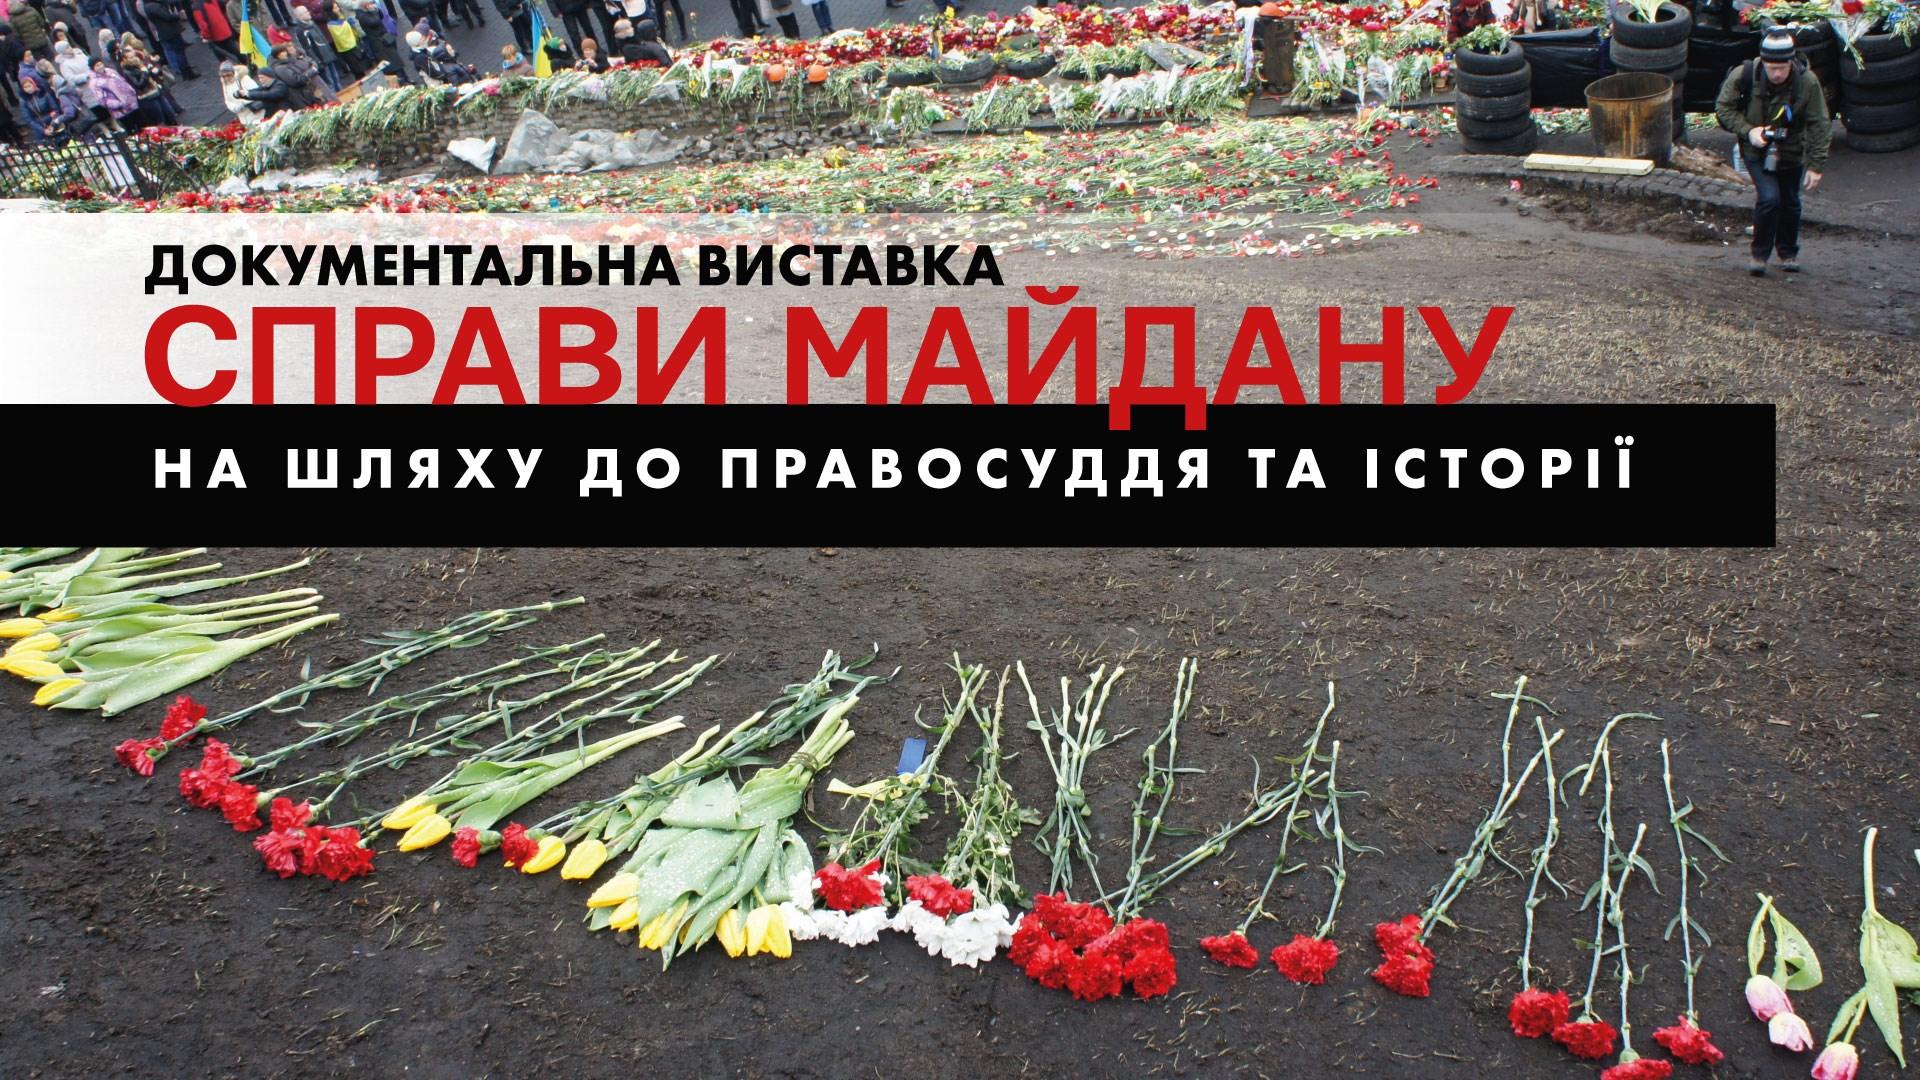 Увечері 20 лютого у Києві запалають Промені Гідності - столиця, річниця, Революція Гідності, Заходи, Герої Небесної сотні - 151779024 2492912997682538 2833042158705074920 o